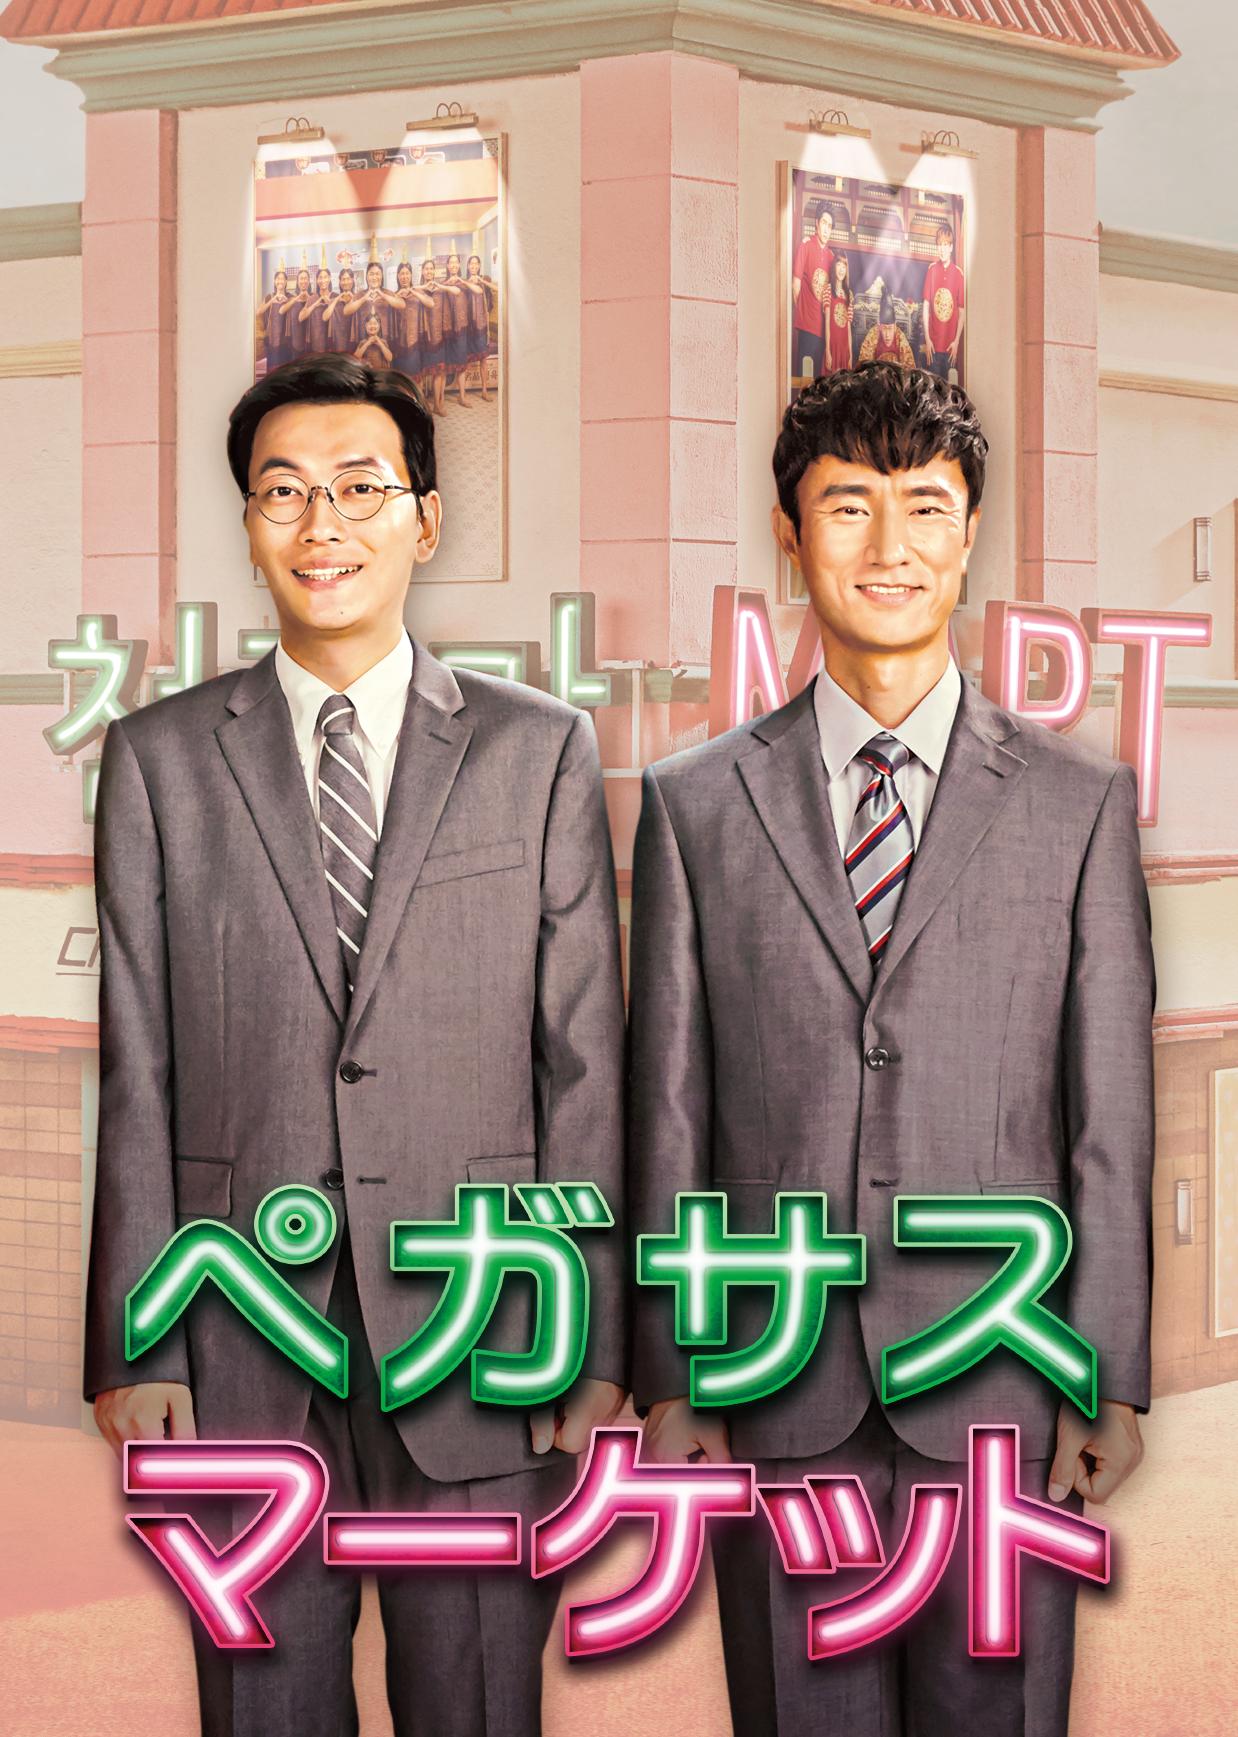 ドラマ 番組 韓国 bs 新